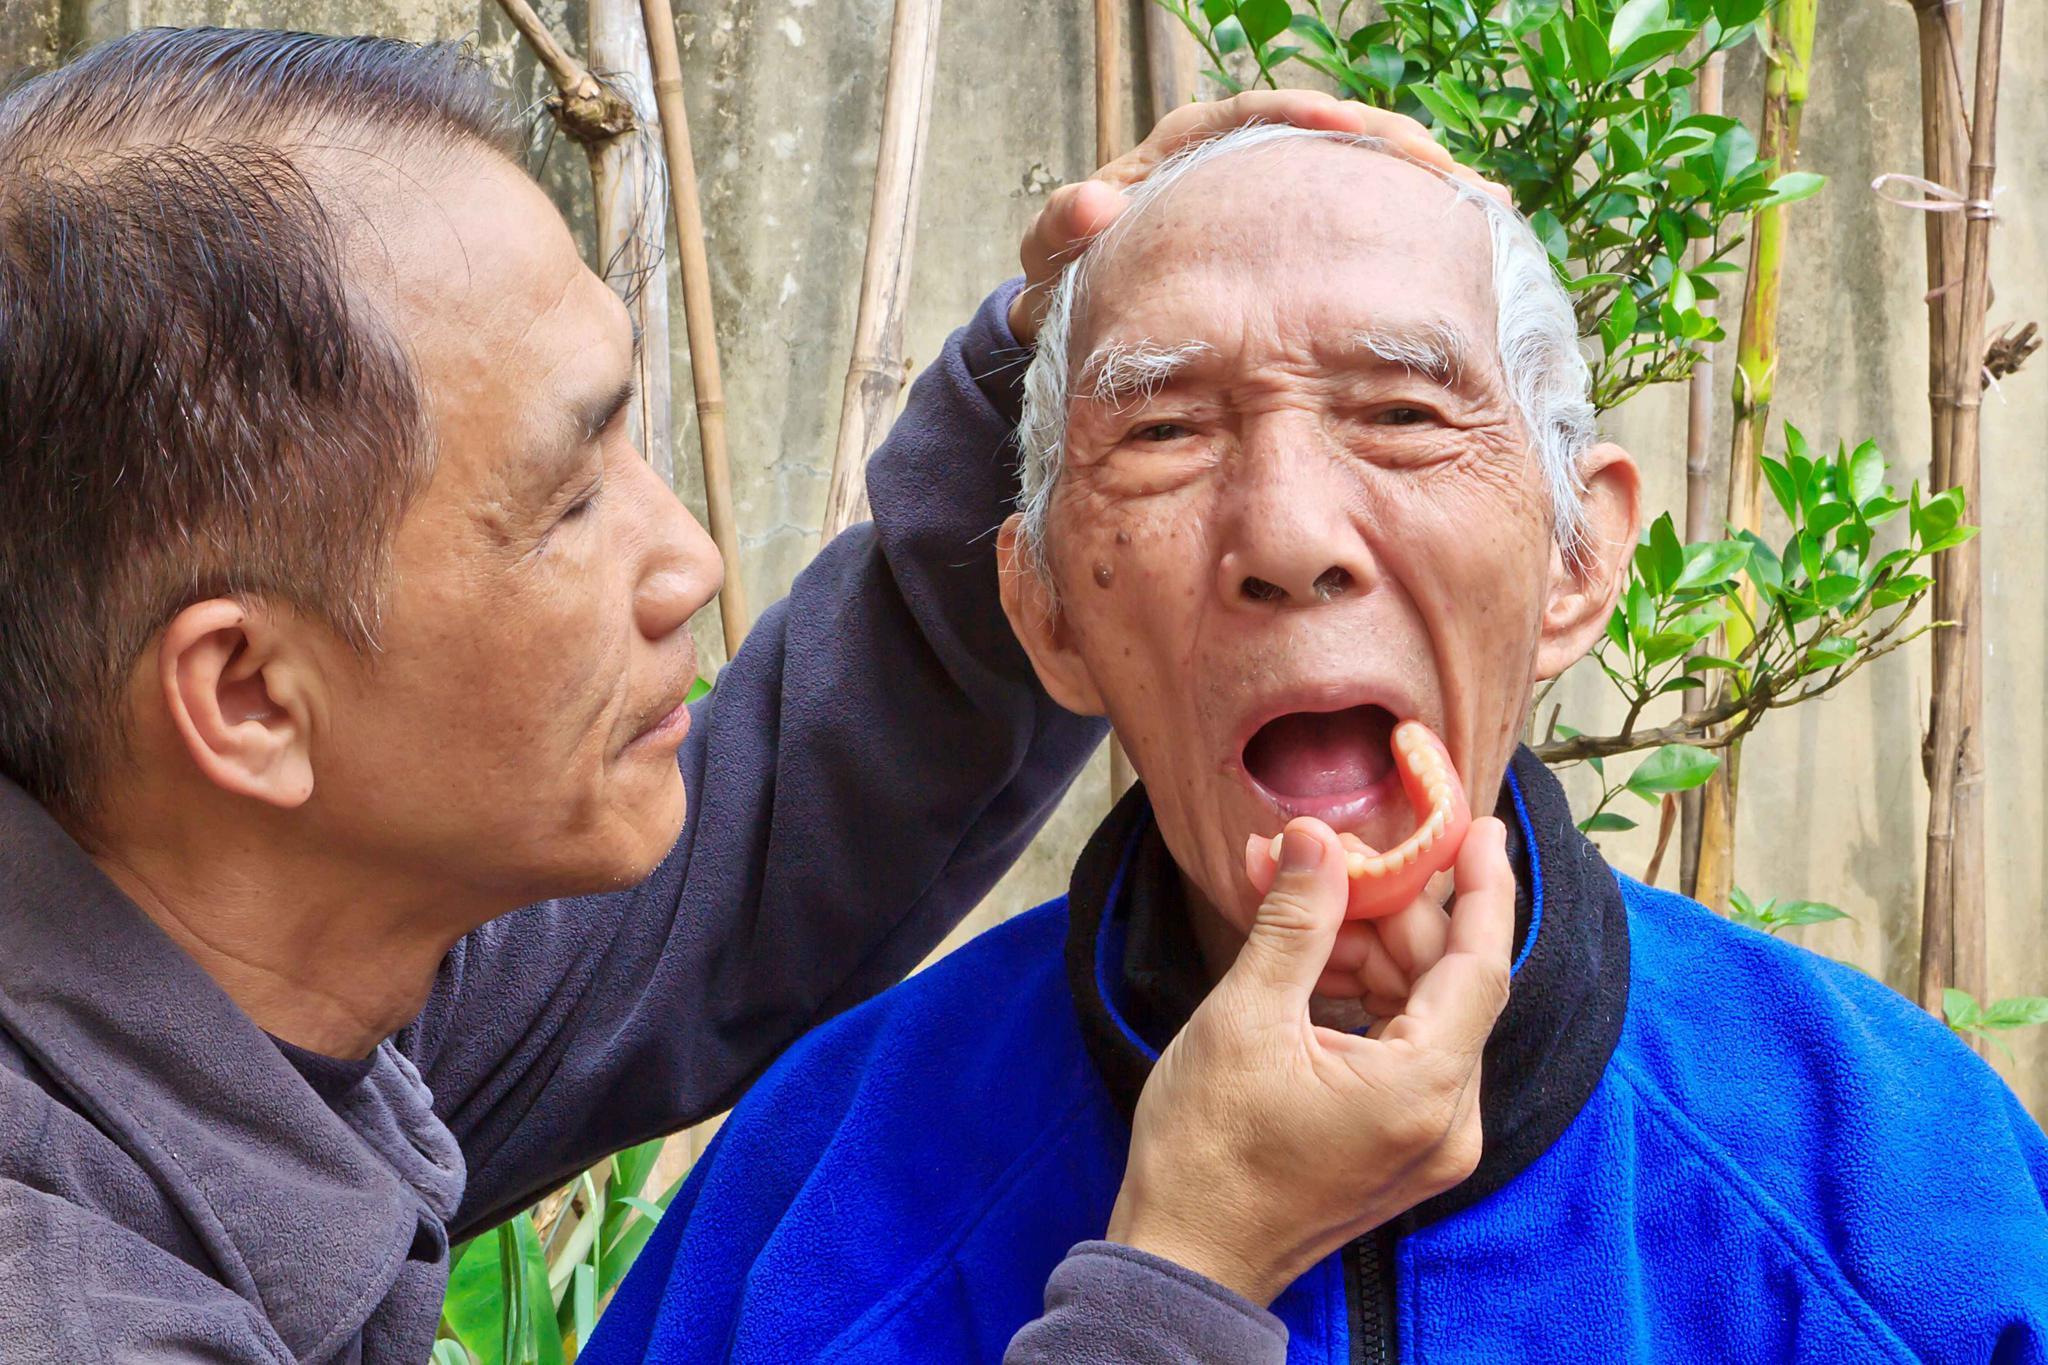 世界阿尔茨海默病日:若老人出现这种现象,离老年痴呆不远了